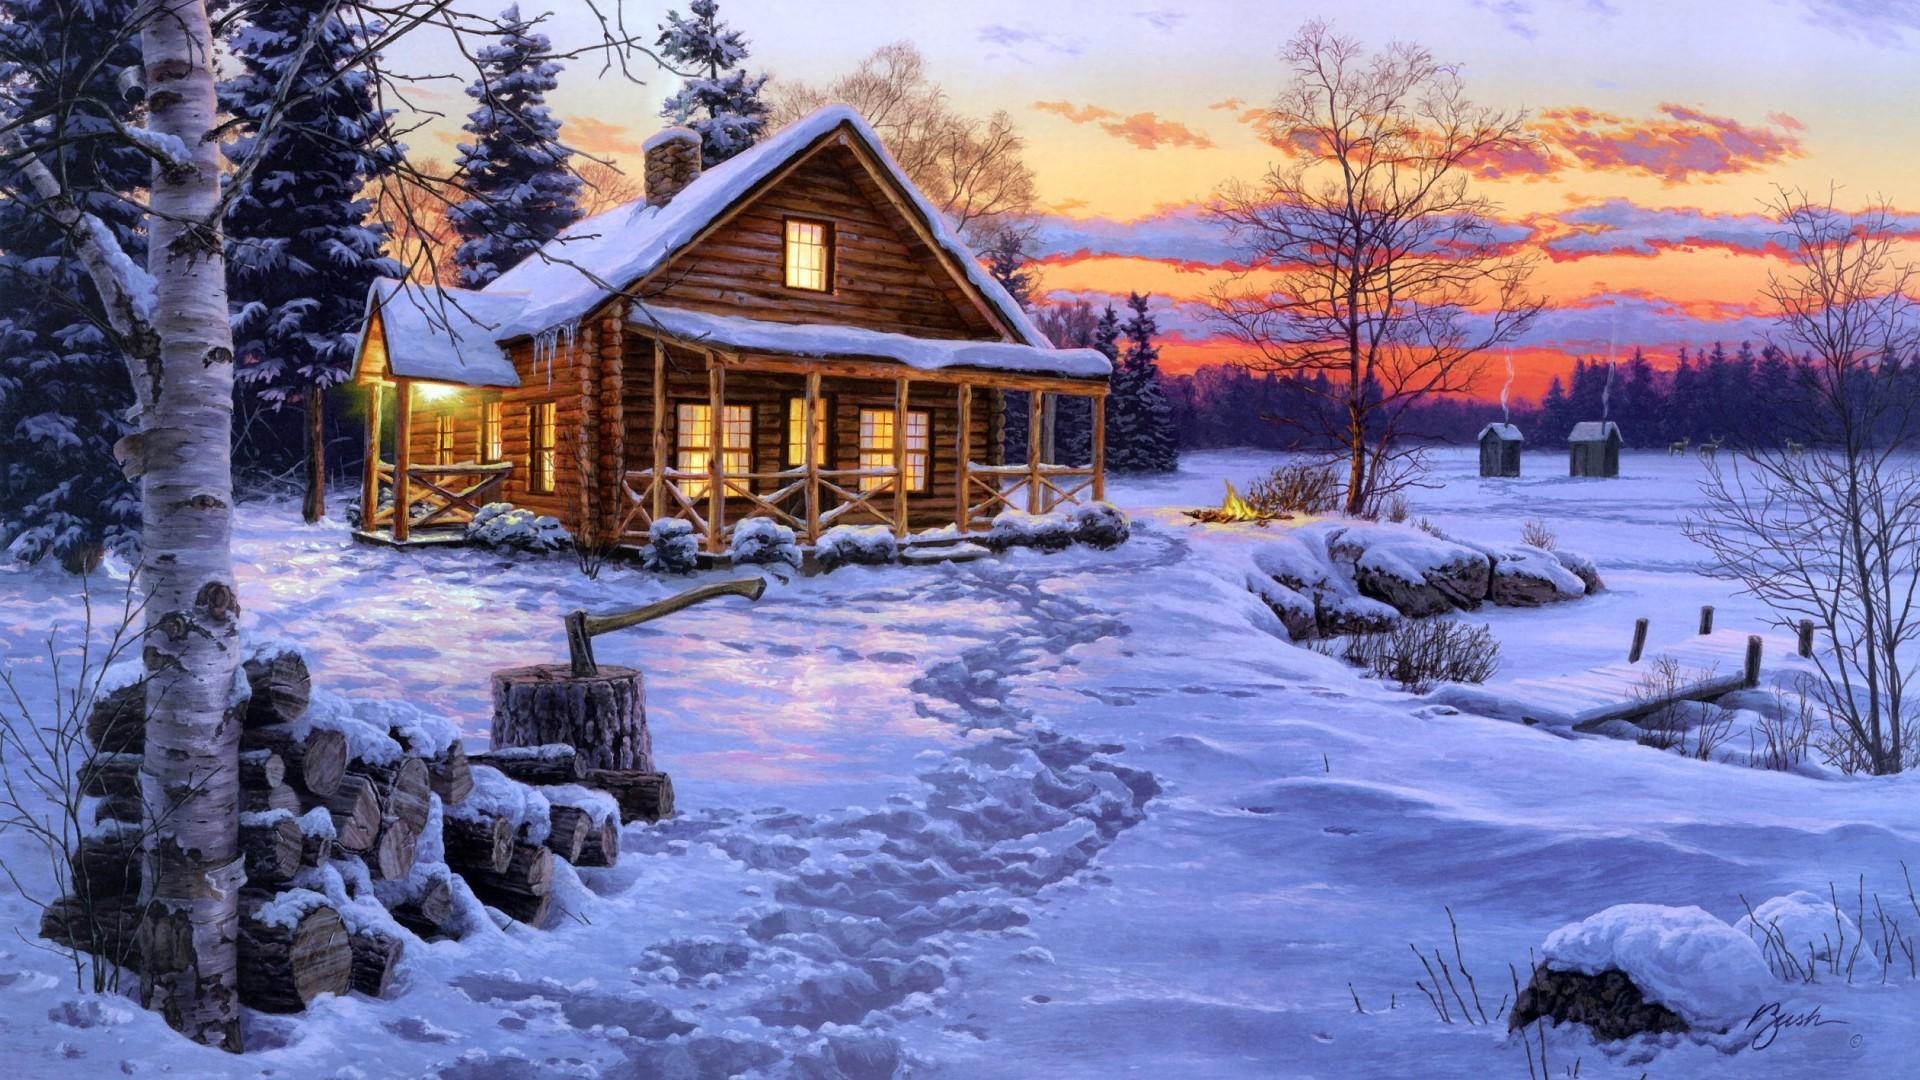 Fondos de invierno con paisajes nevados wallpapers for Imagenes de patios de invierno